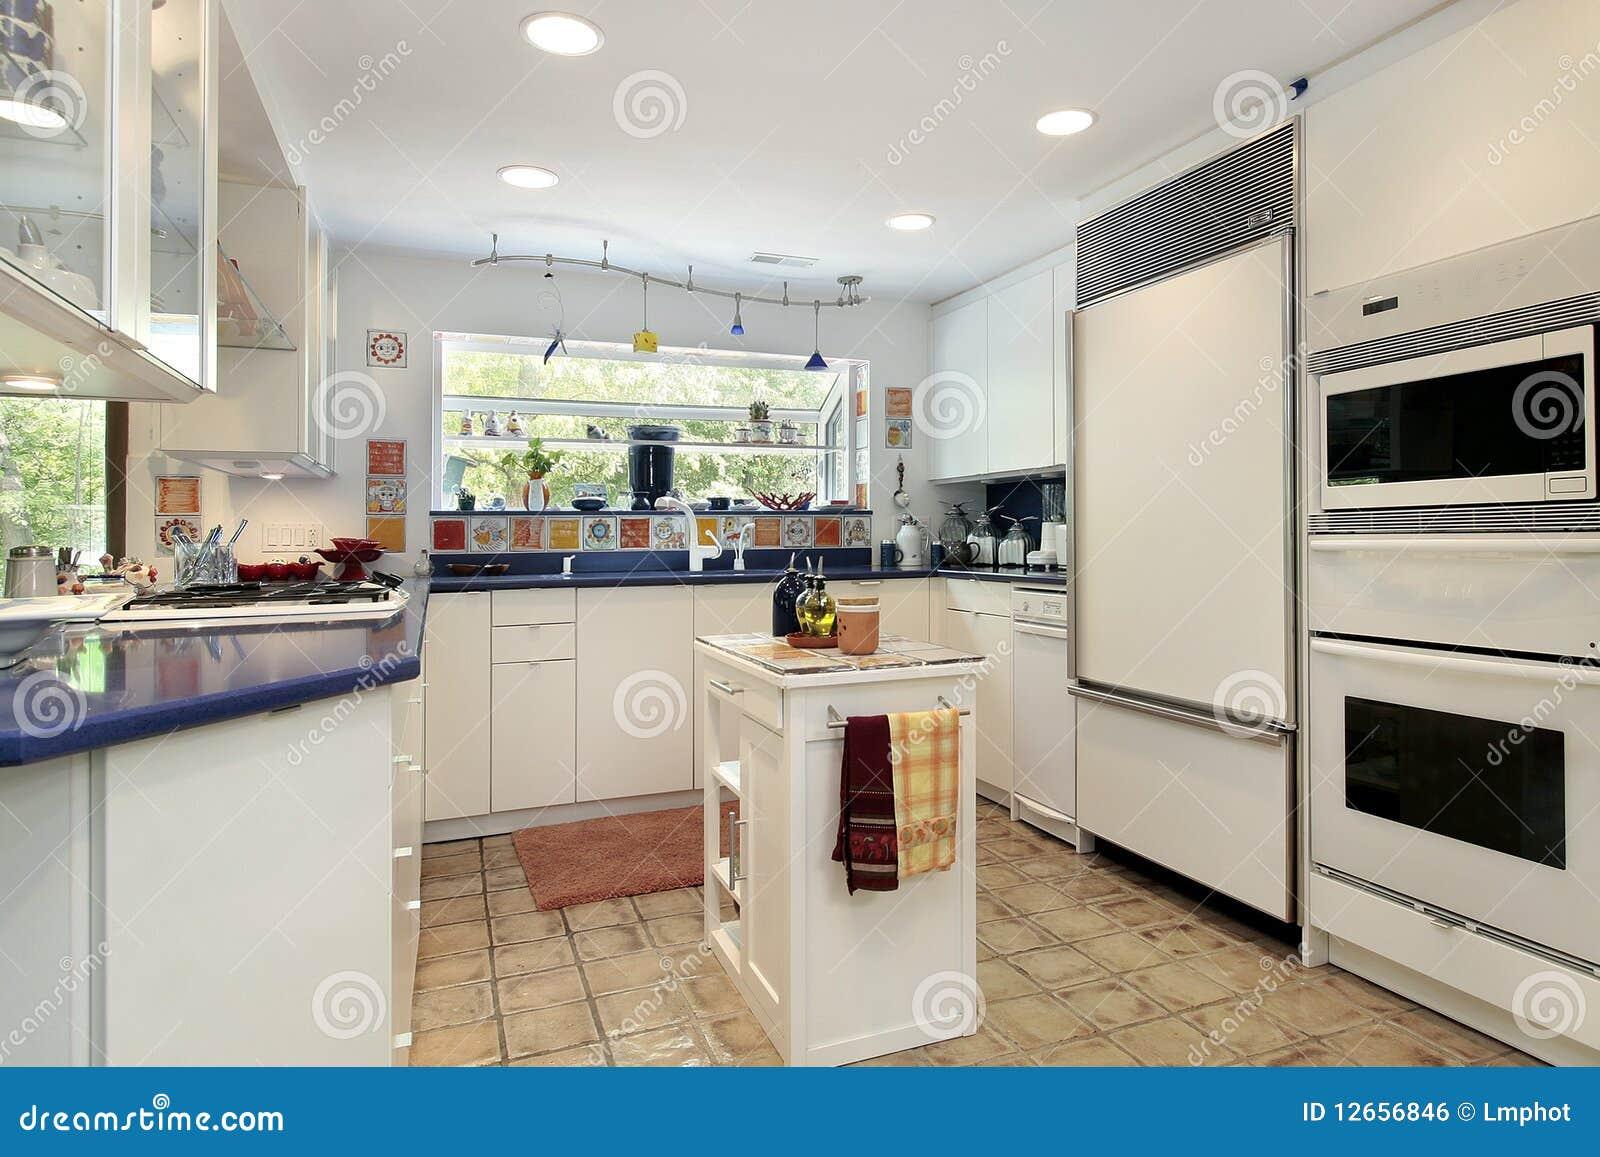 Keuken met blauwe countertops royalty vrije stock afbeelding afbeelding 12656846 - Keuken met teller ...